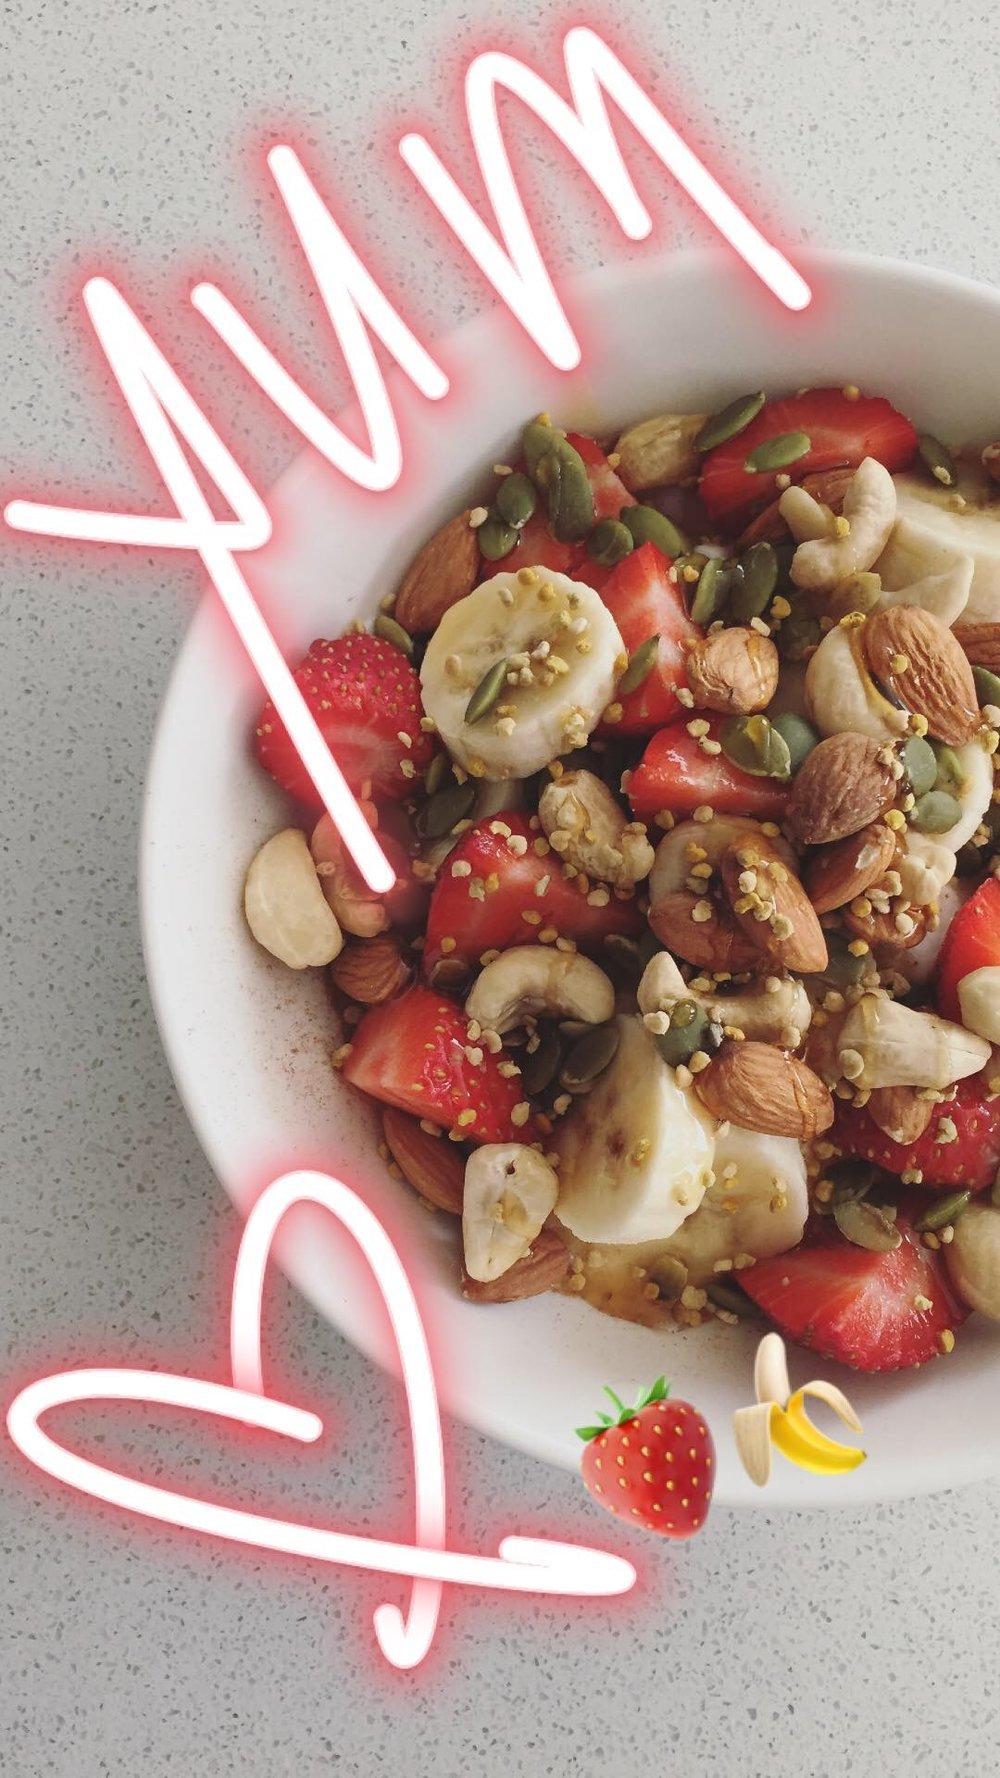 fruit-raw-nuts-healthy-breakfast-lauren-schwaiger-healthy-blog.jpg